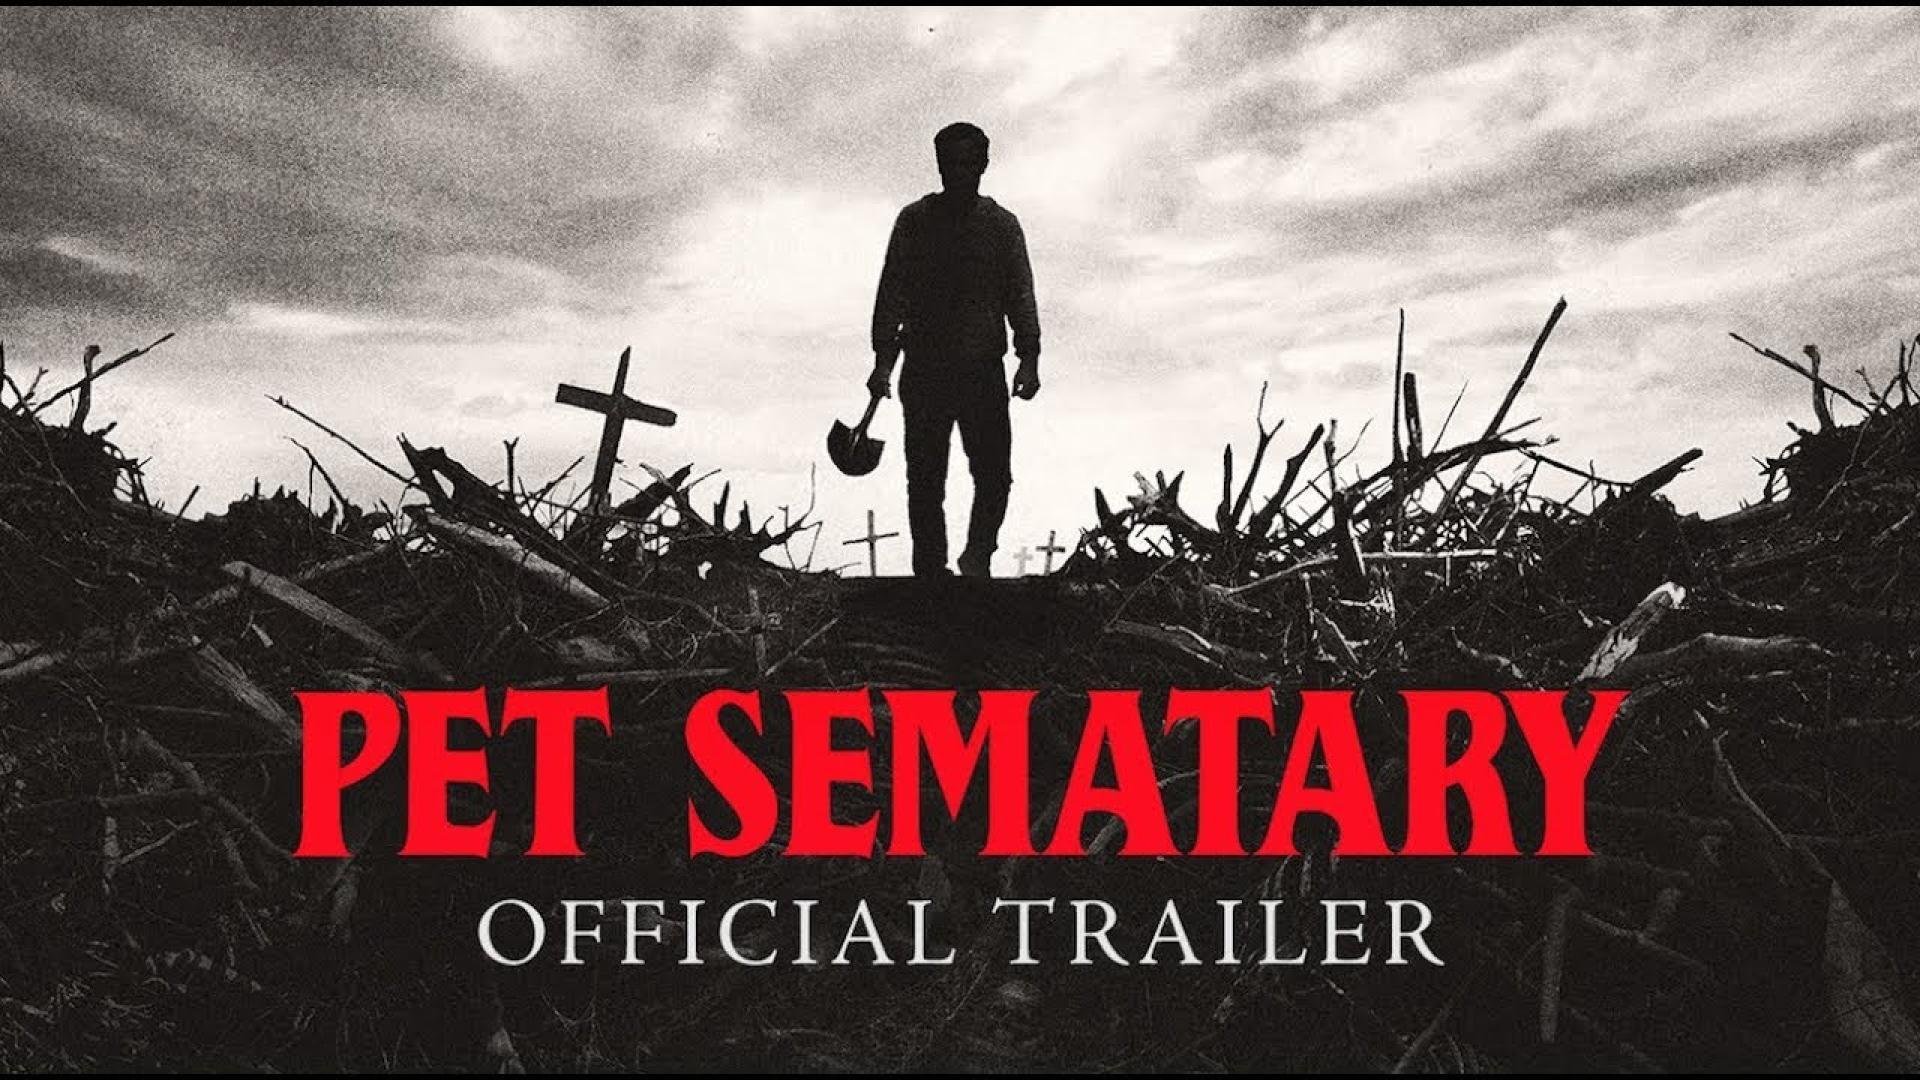 Új trailer és plakát érkezett a Kedvencek temetőjéhez